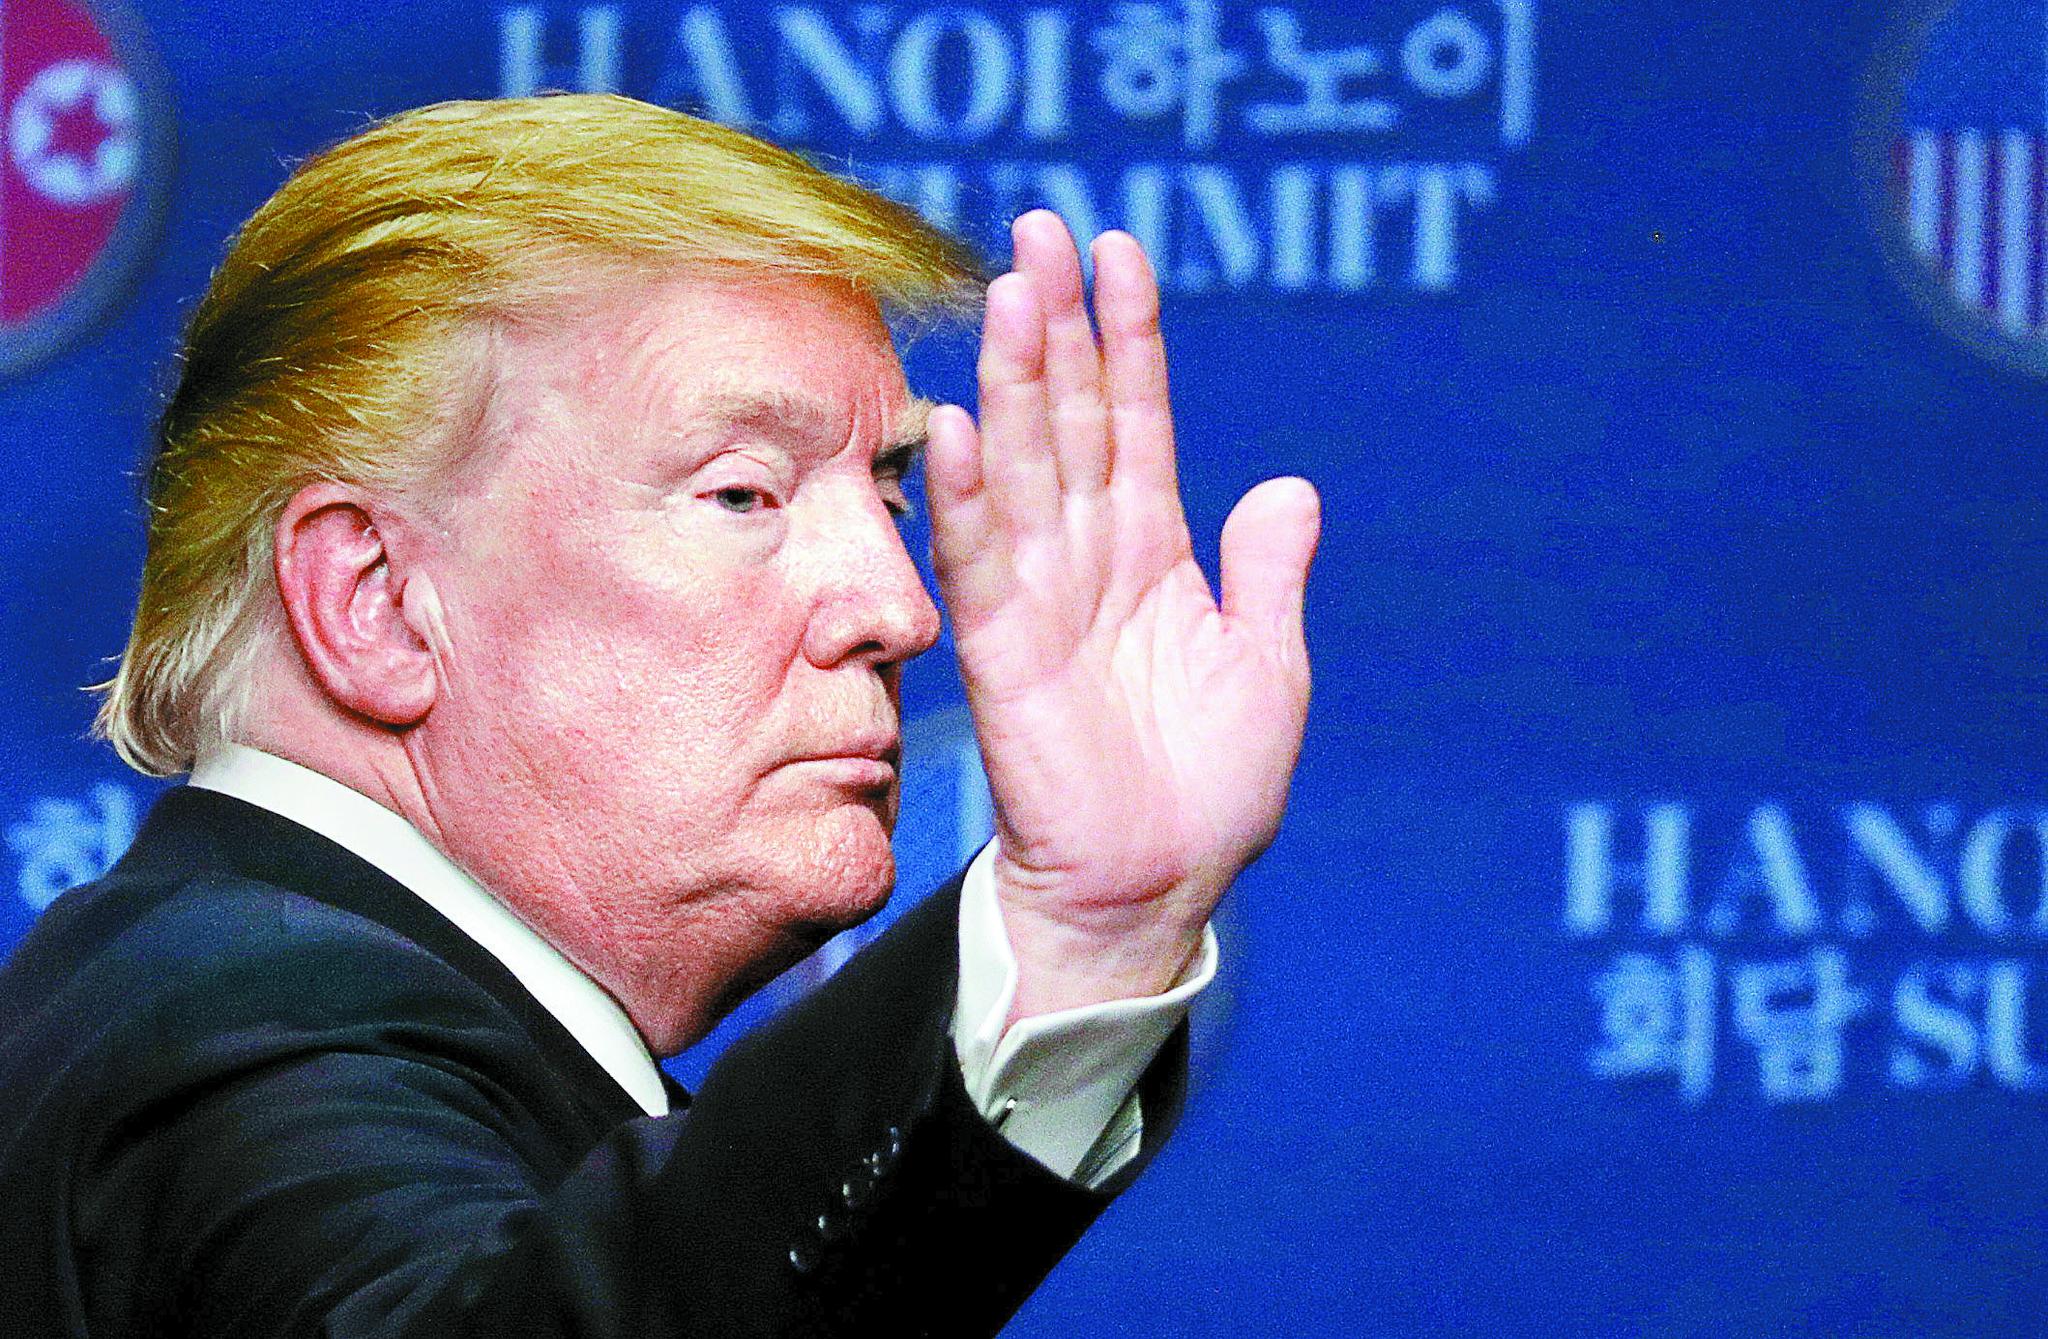 도널드 트럼프 미국 대통령이 28일(현지시간) 오후 하노이 JW메리어트 호텔에서 합의 결렬 소식을 전하는 기자회견을 마친후 돌아서고 있다. [로이터=연합뉴스]